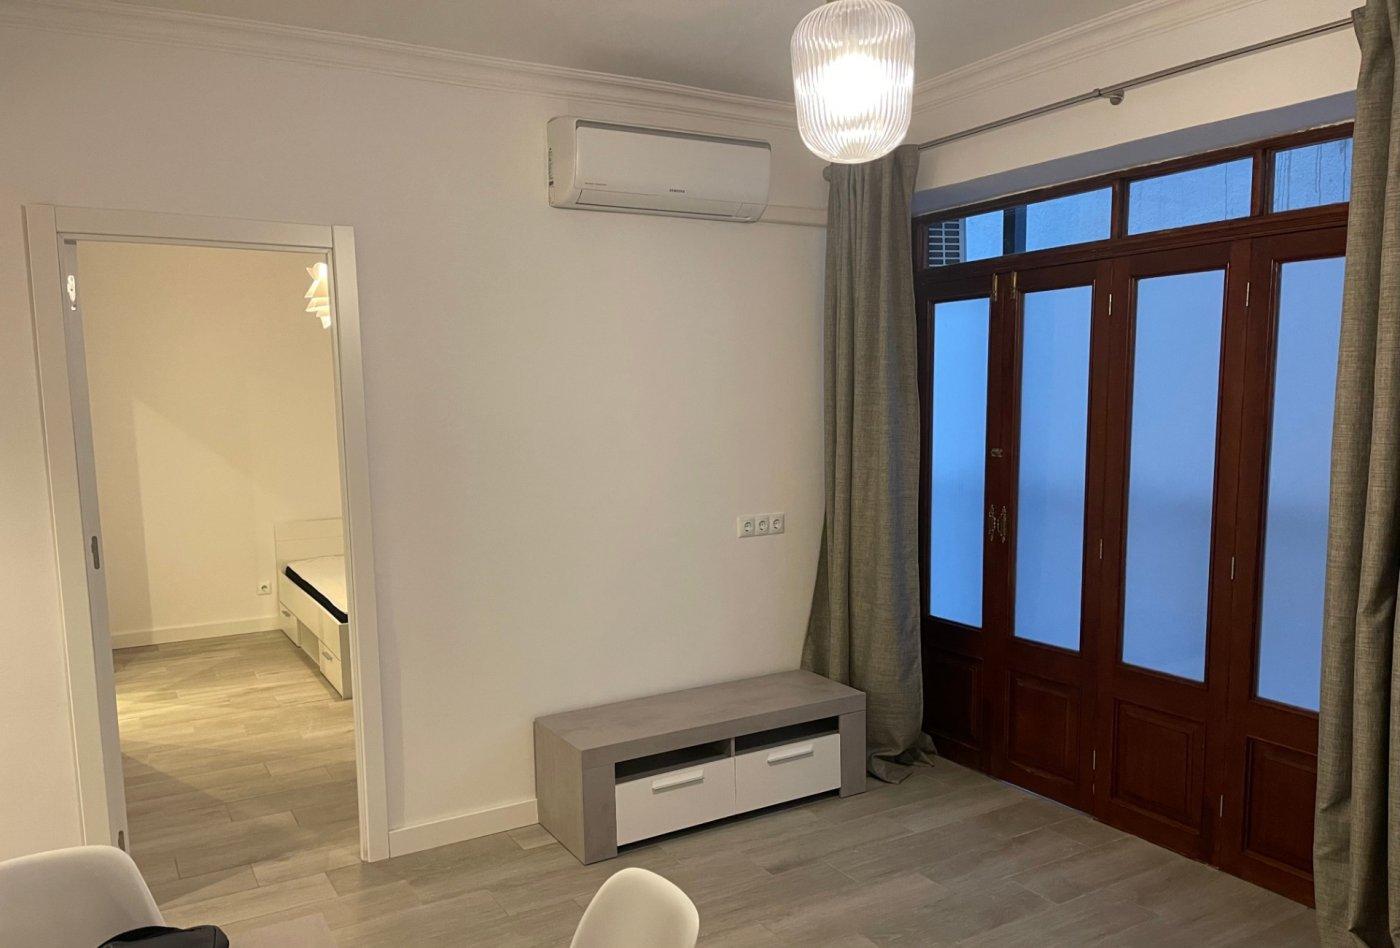 Apartamento a la venta en el arenal, llucmajor - imagenInmueble11